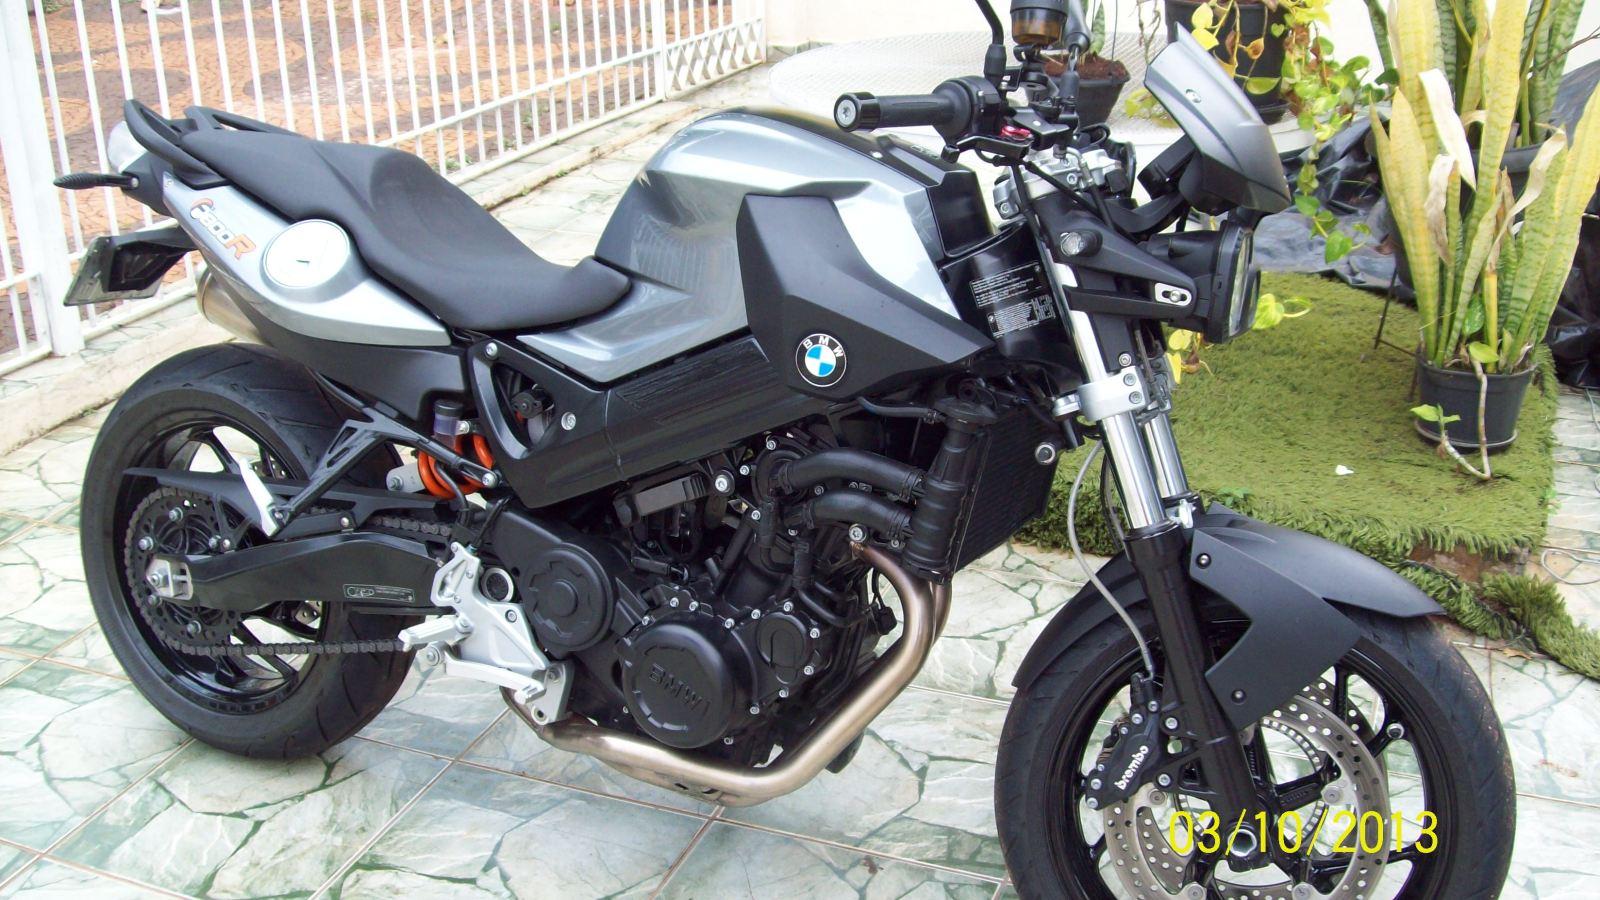 DESVENTURAS EM SÉRIE - CAPITULO DE HOJE: BMW F800R 2012 :-( - Página 2 2uy4sk1